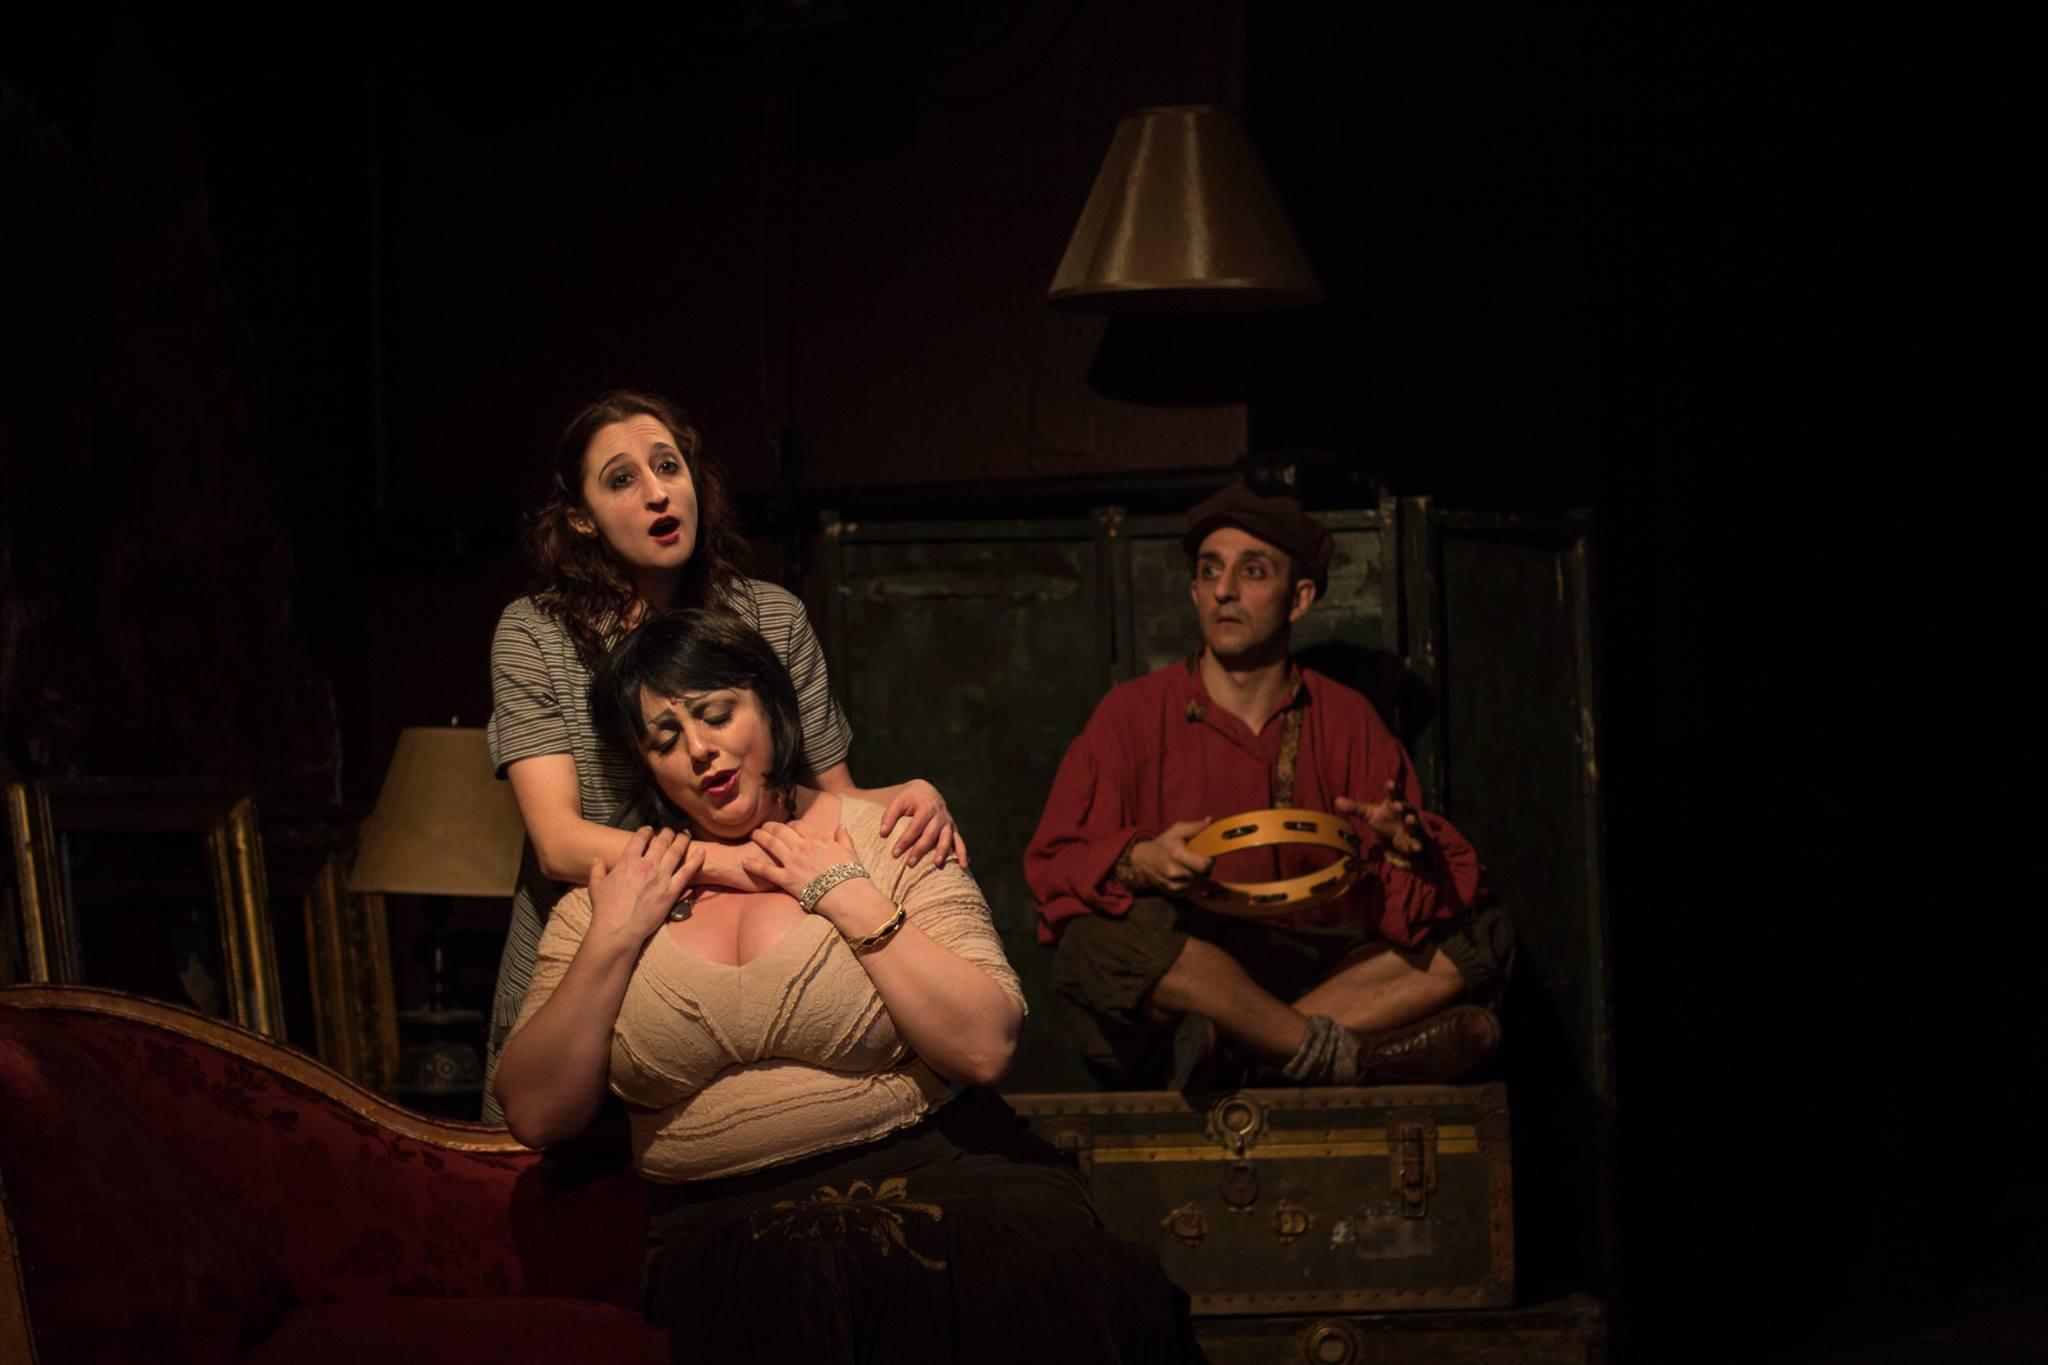 Lynda A. H. Paul (Monica), Janna Baty (Madame Flora), José Ramón Sabín Lestayo (Toby)